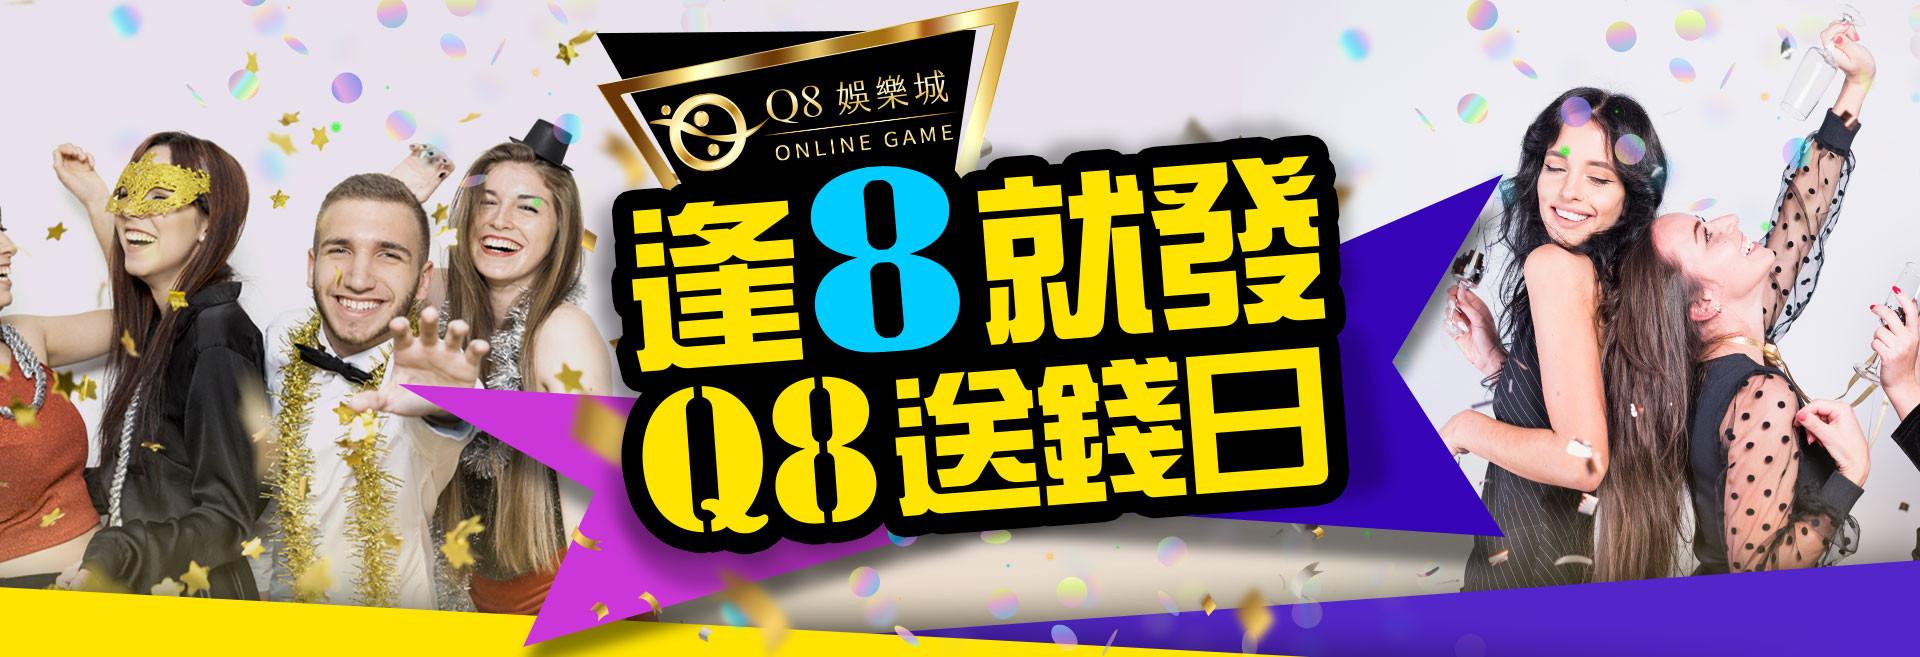 Q8娛樂城 逢8就發Q8送錢日